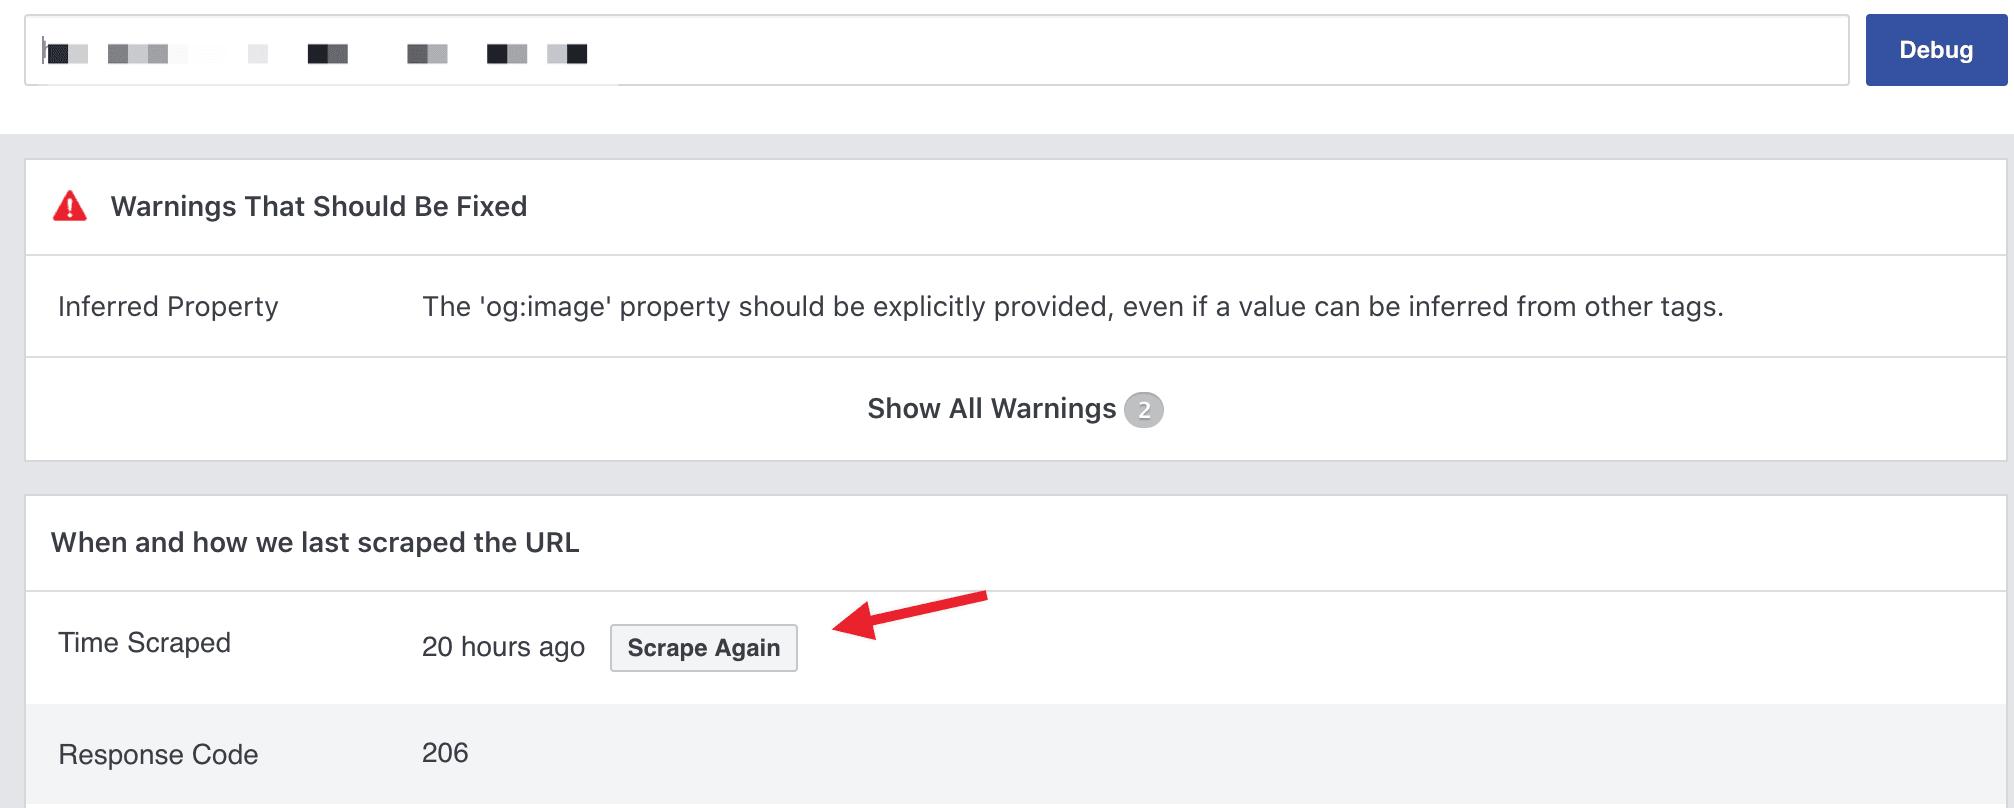 scarpe again facebook debug tool